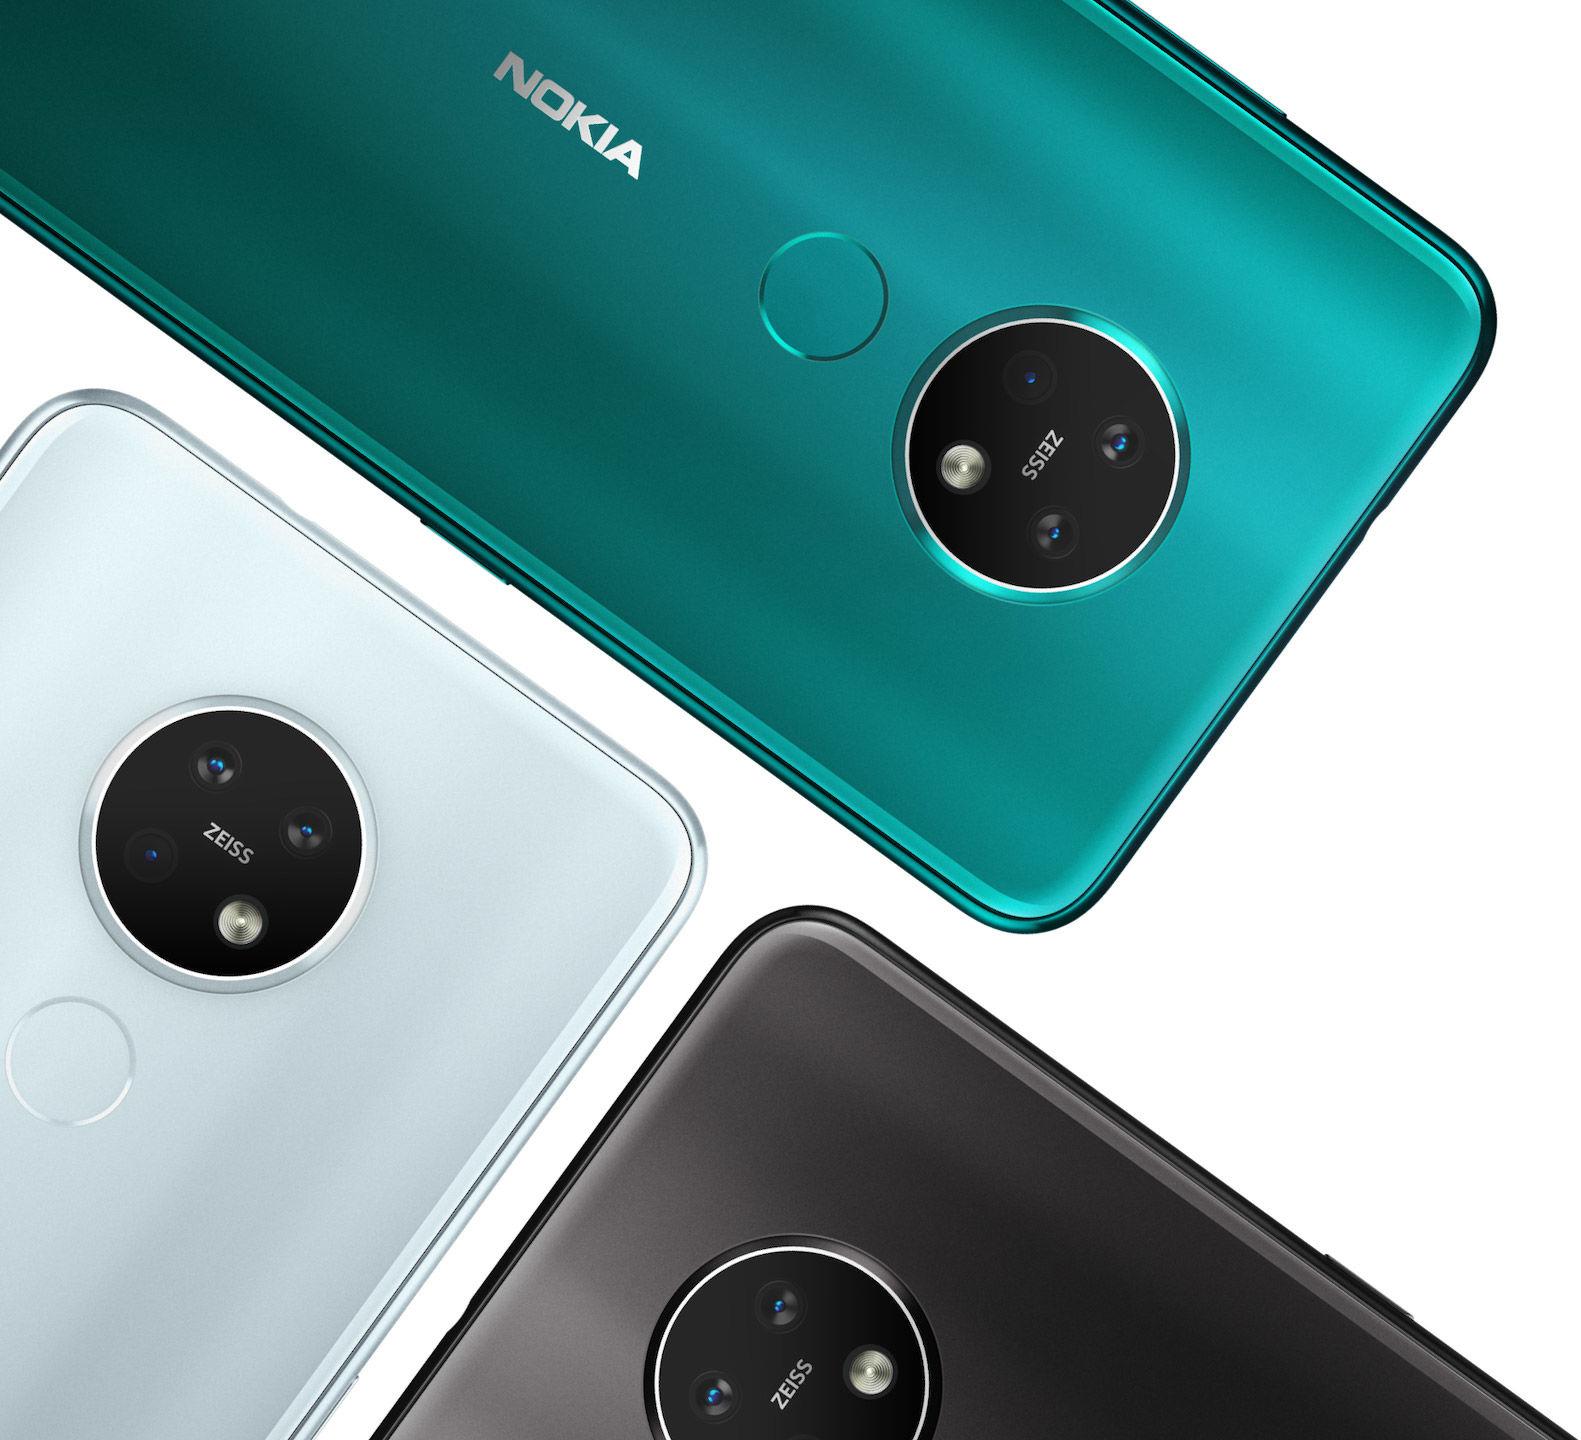 Nokia 7.2 riceve le patch di Ottobre 2020, il Nokia 1 quelle di Settembre 20 e una nuova build di Android 10